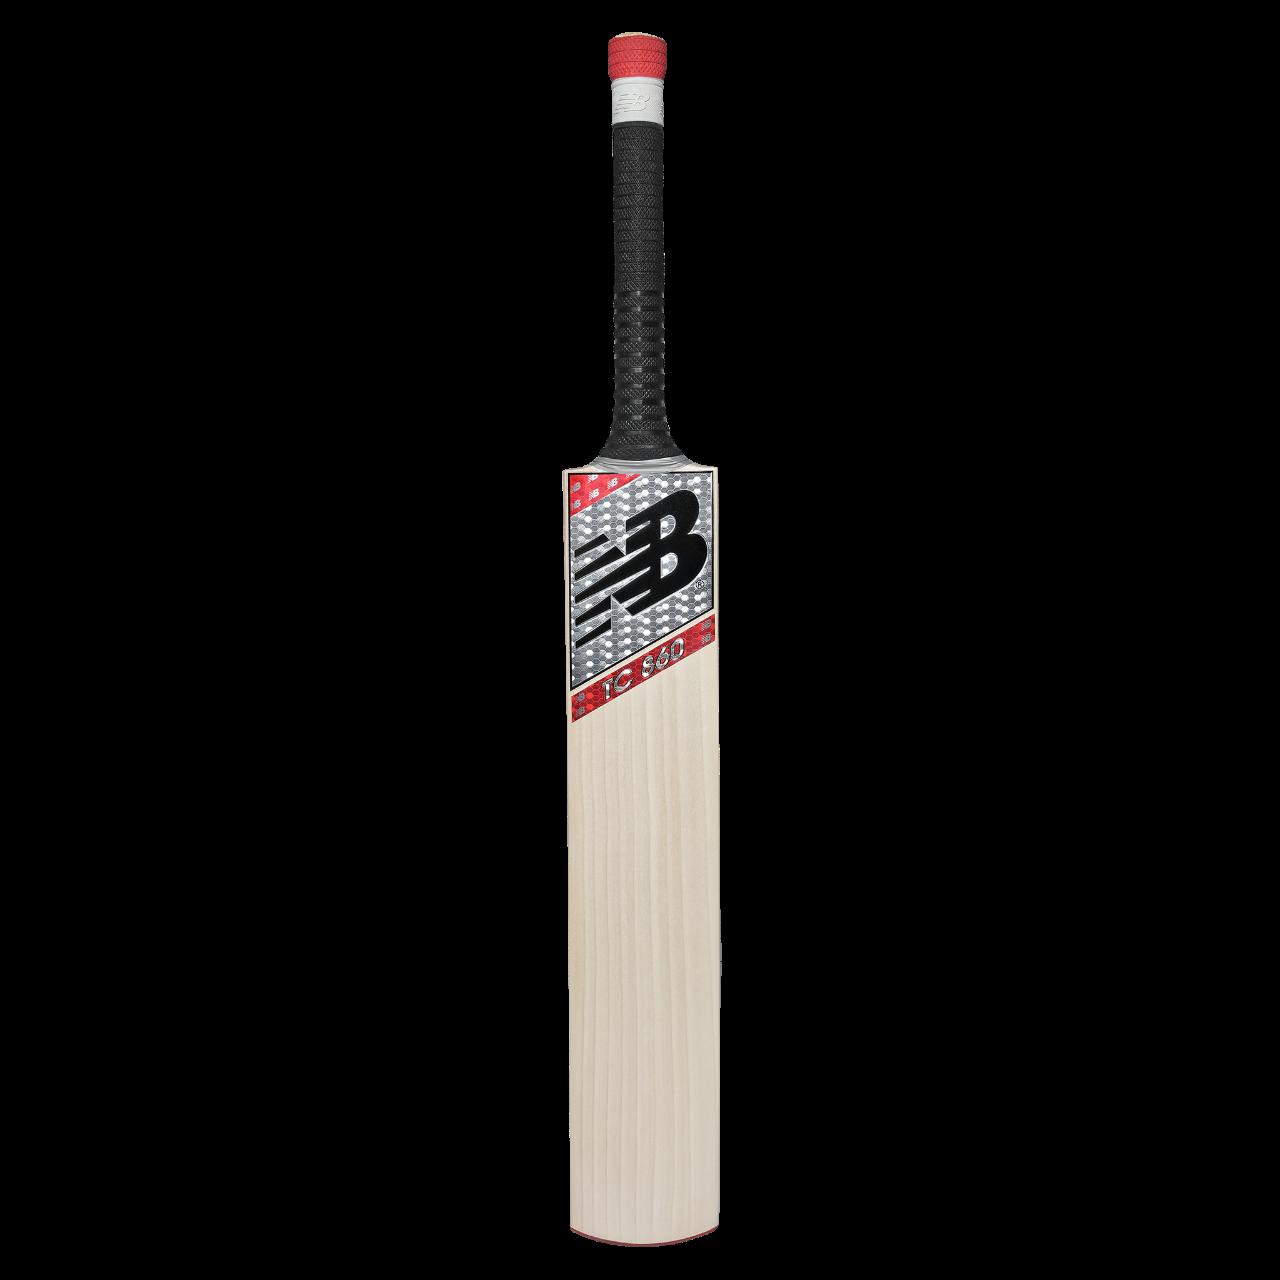 2020 New Balance TC 560 Junior Cricket Bat